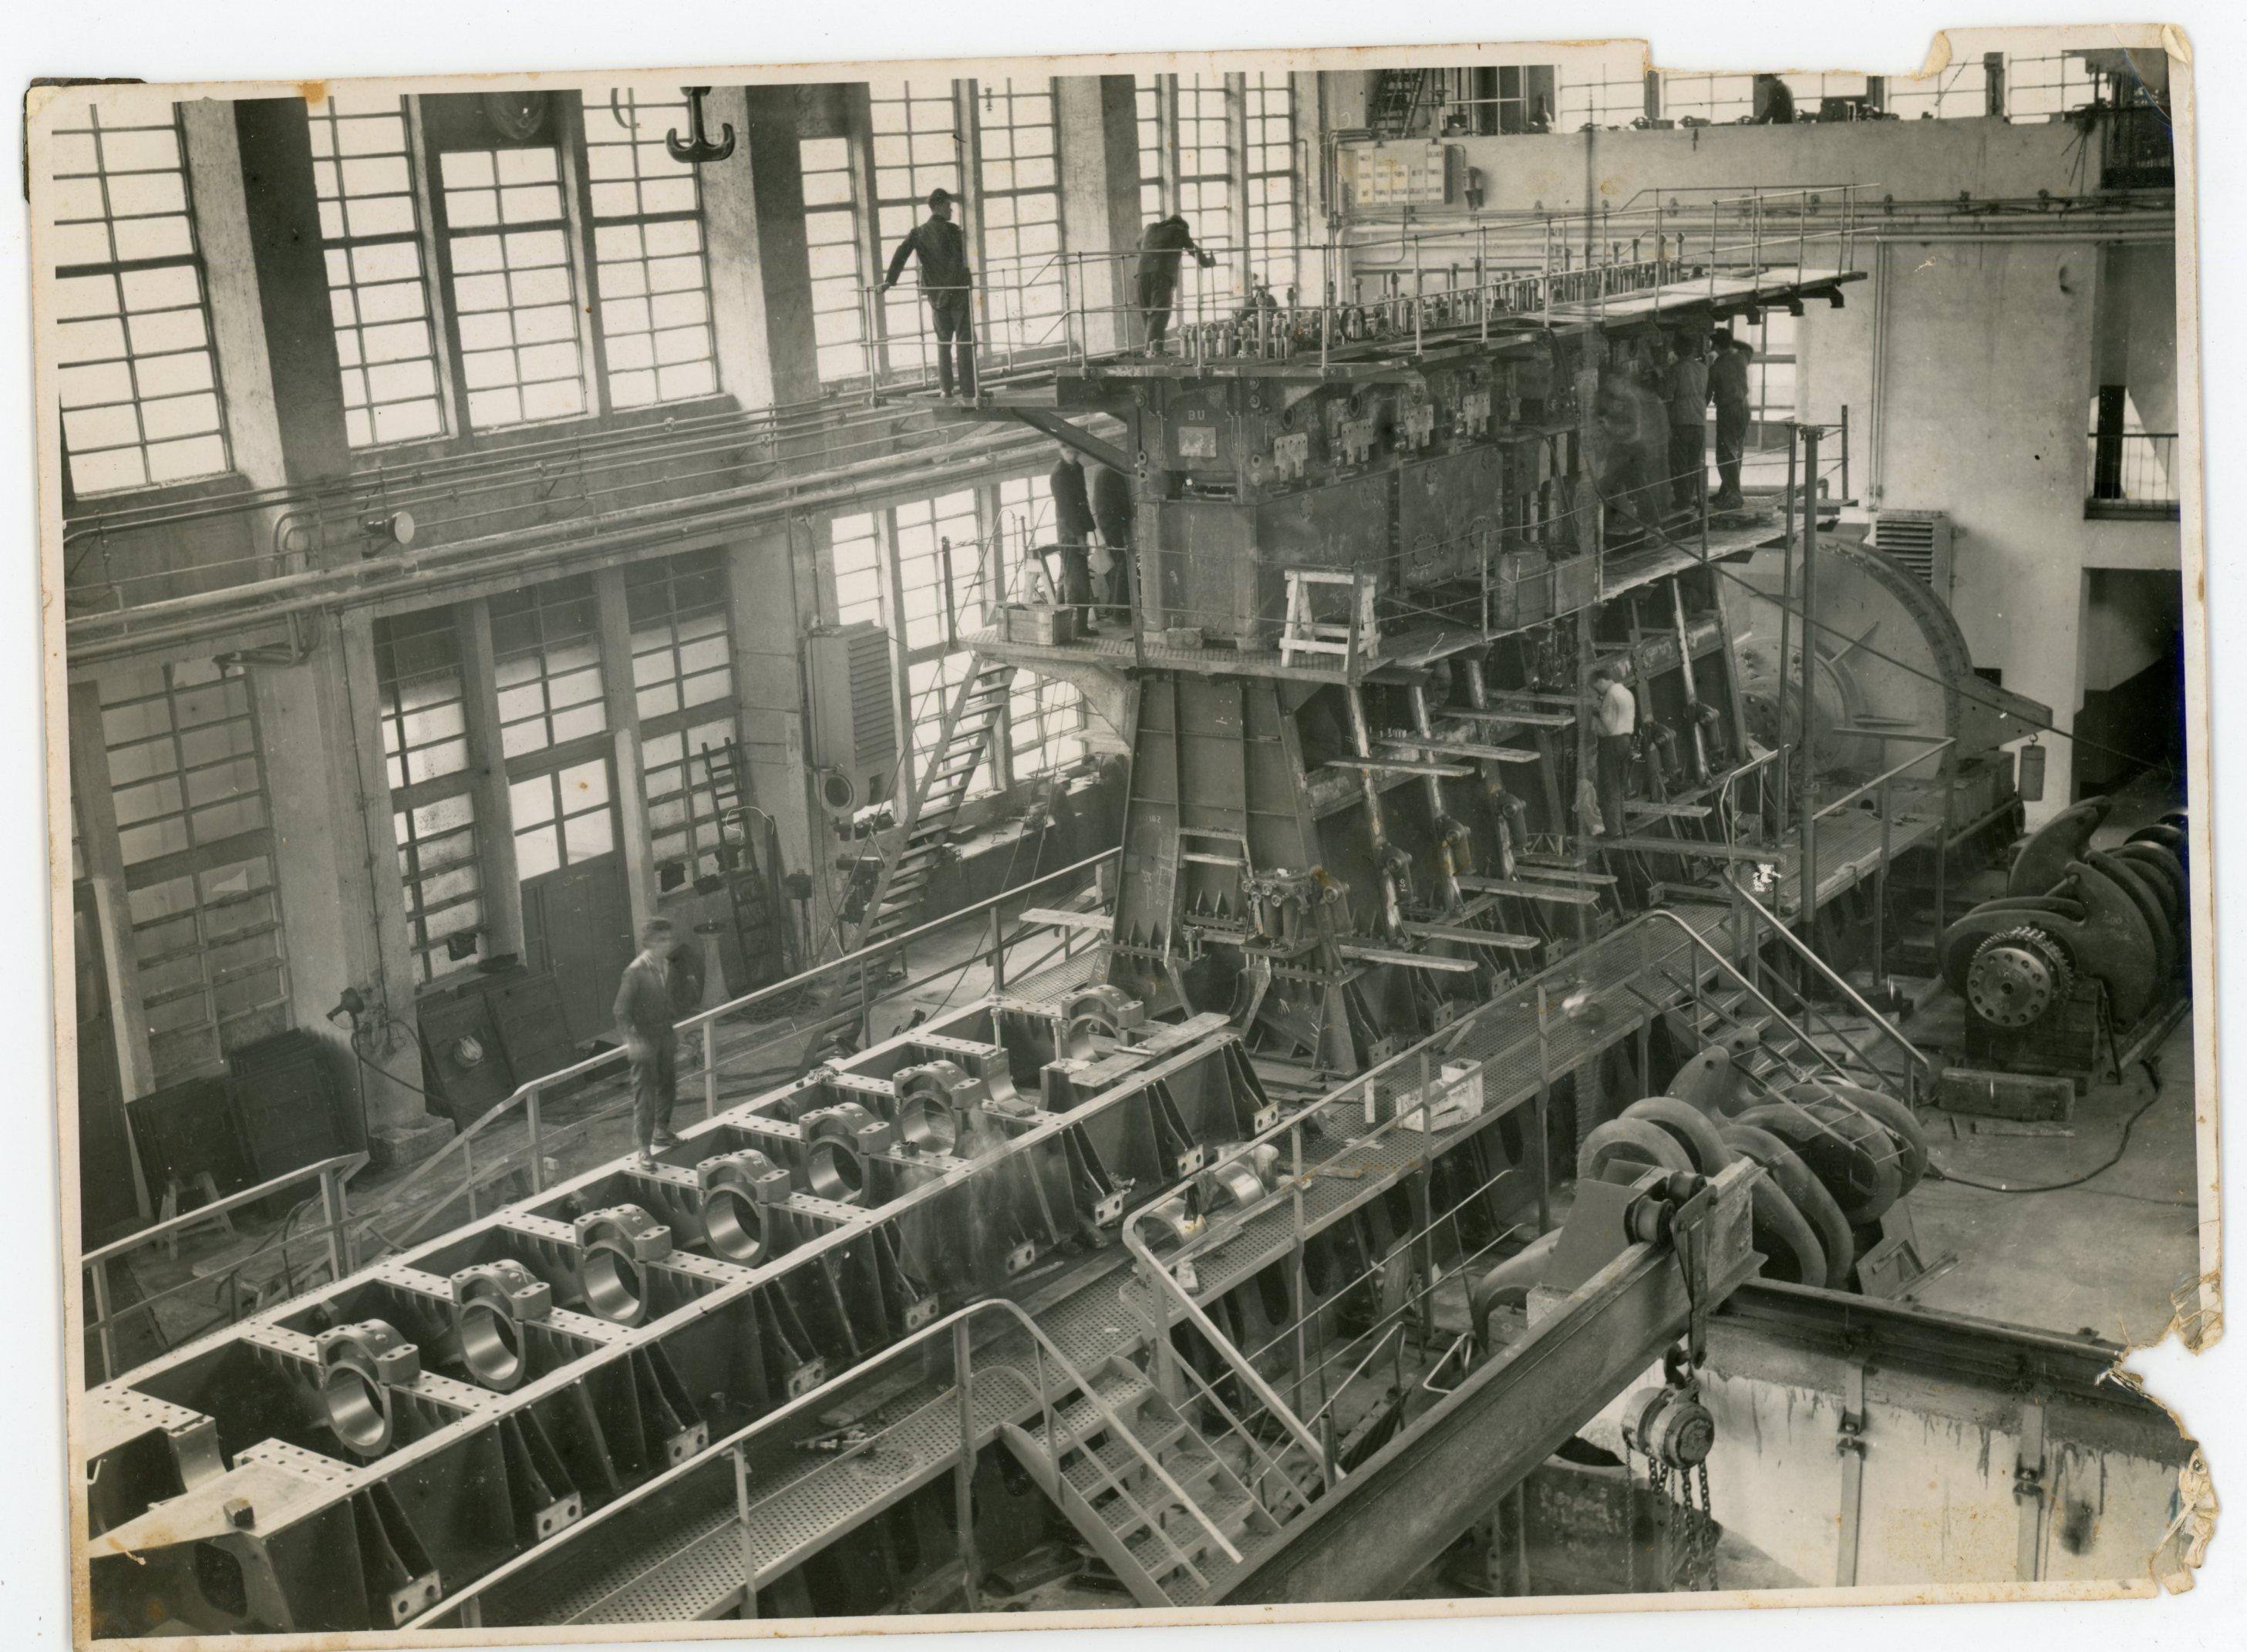 Interijer strojograđevne hale za izradu brodskih dizel motora, oko 1955.